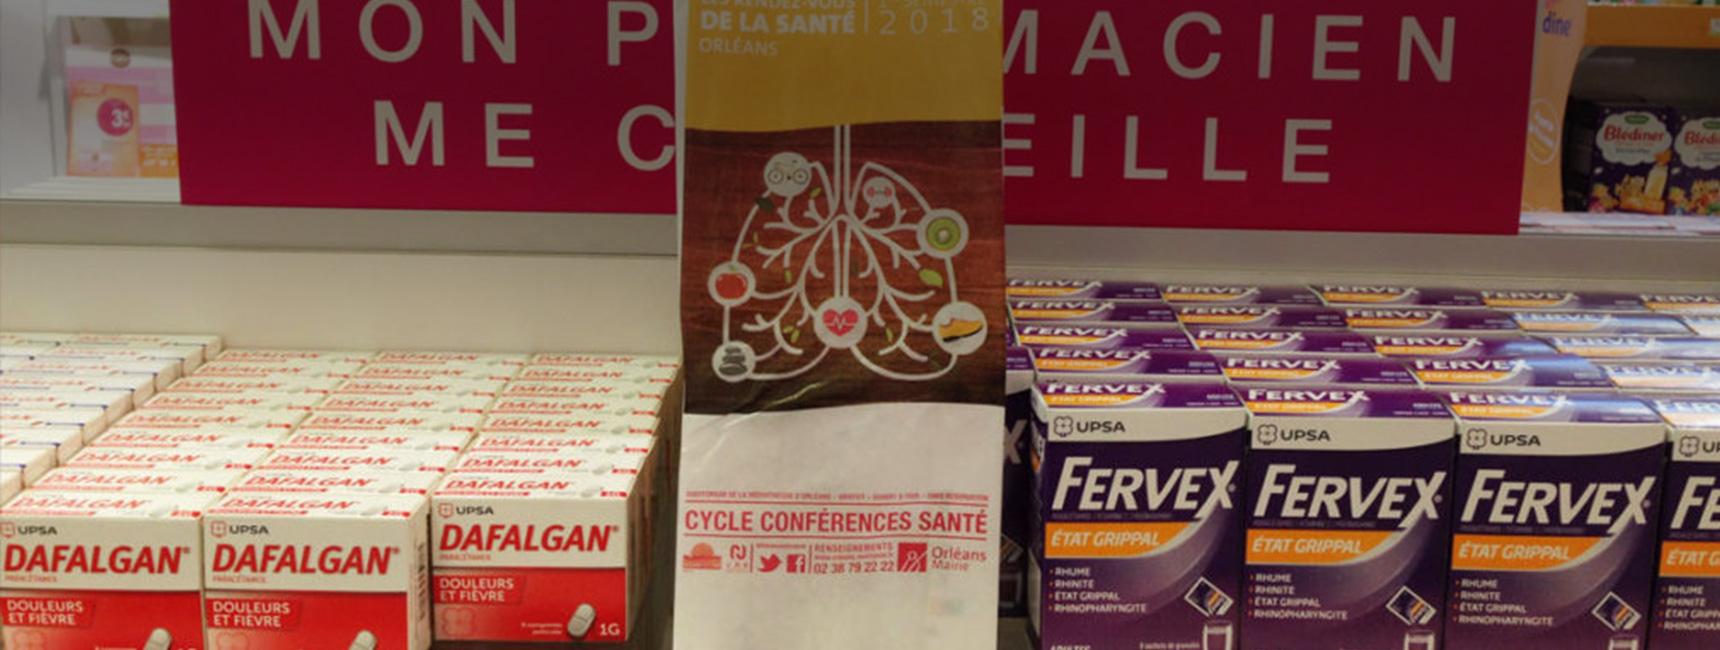 Metropole orléans support tactique Keemia Tours Agence marketing local en région Centre Normandie